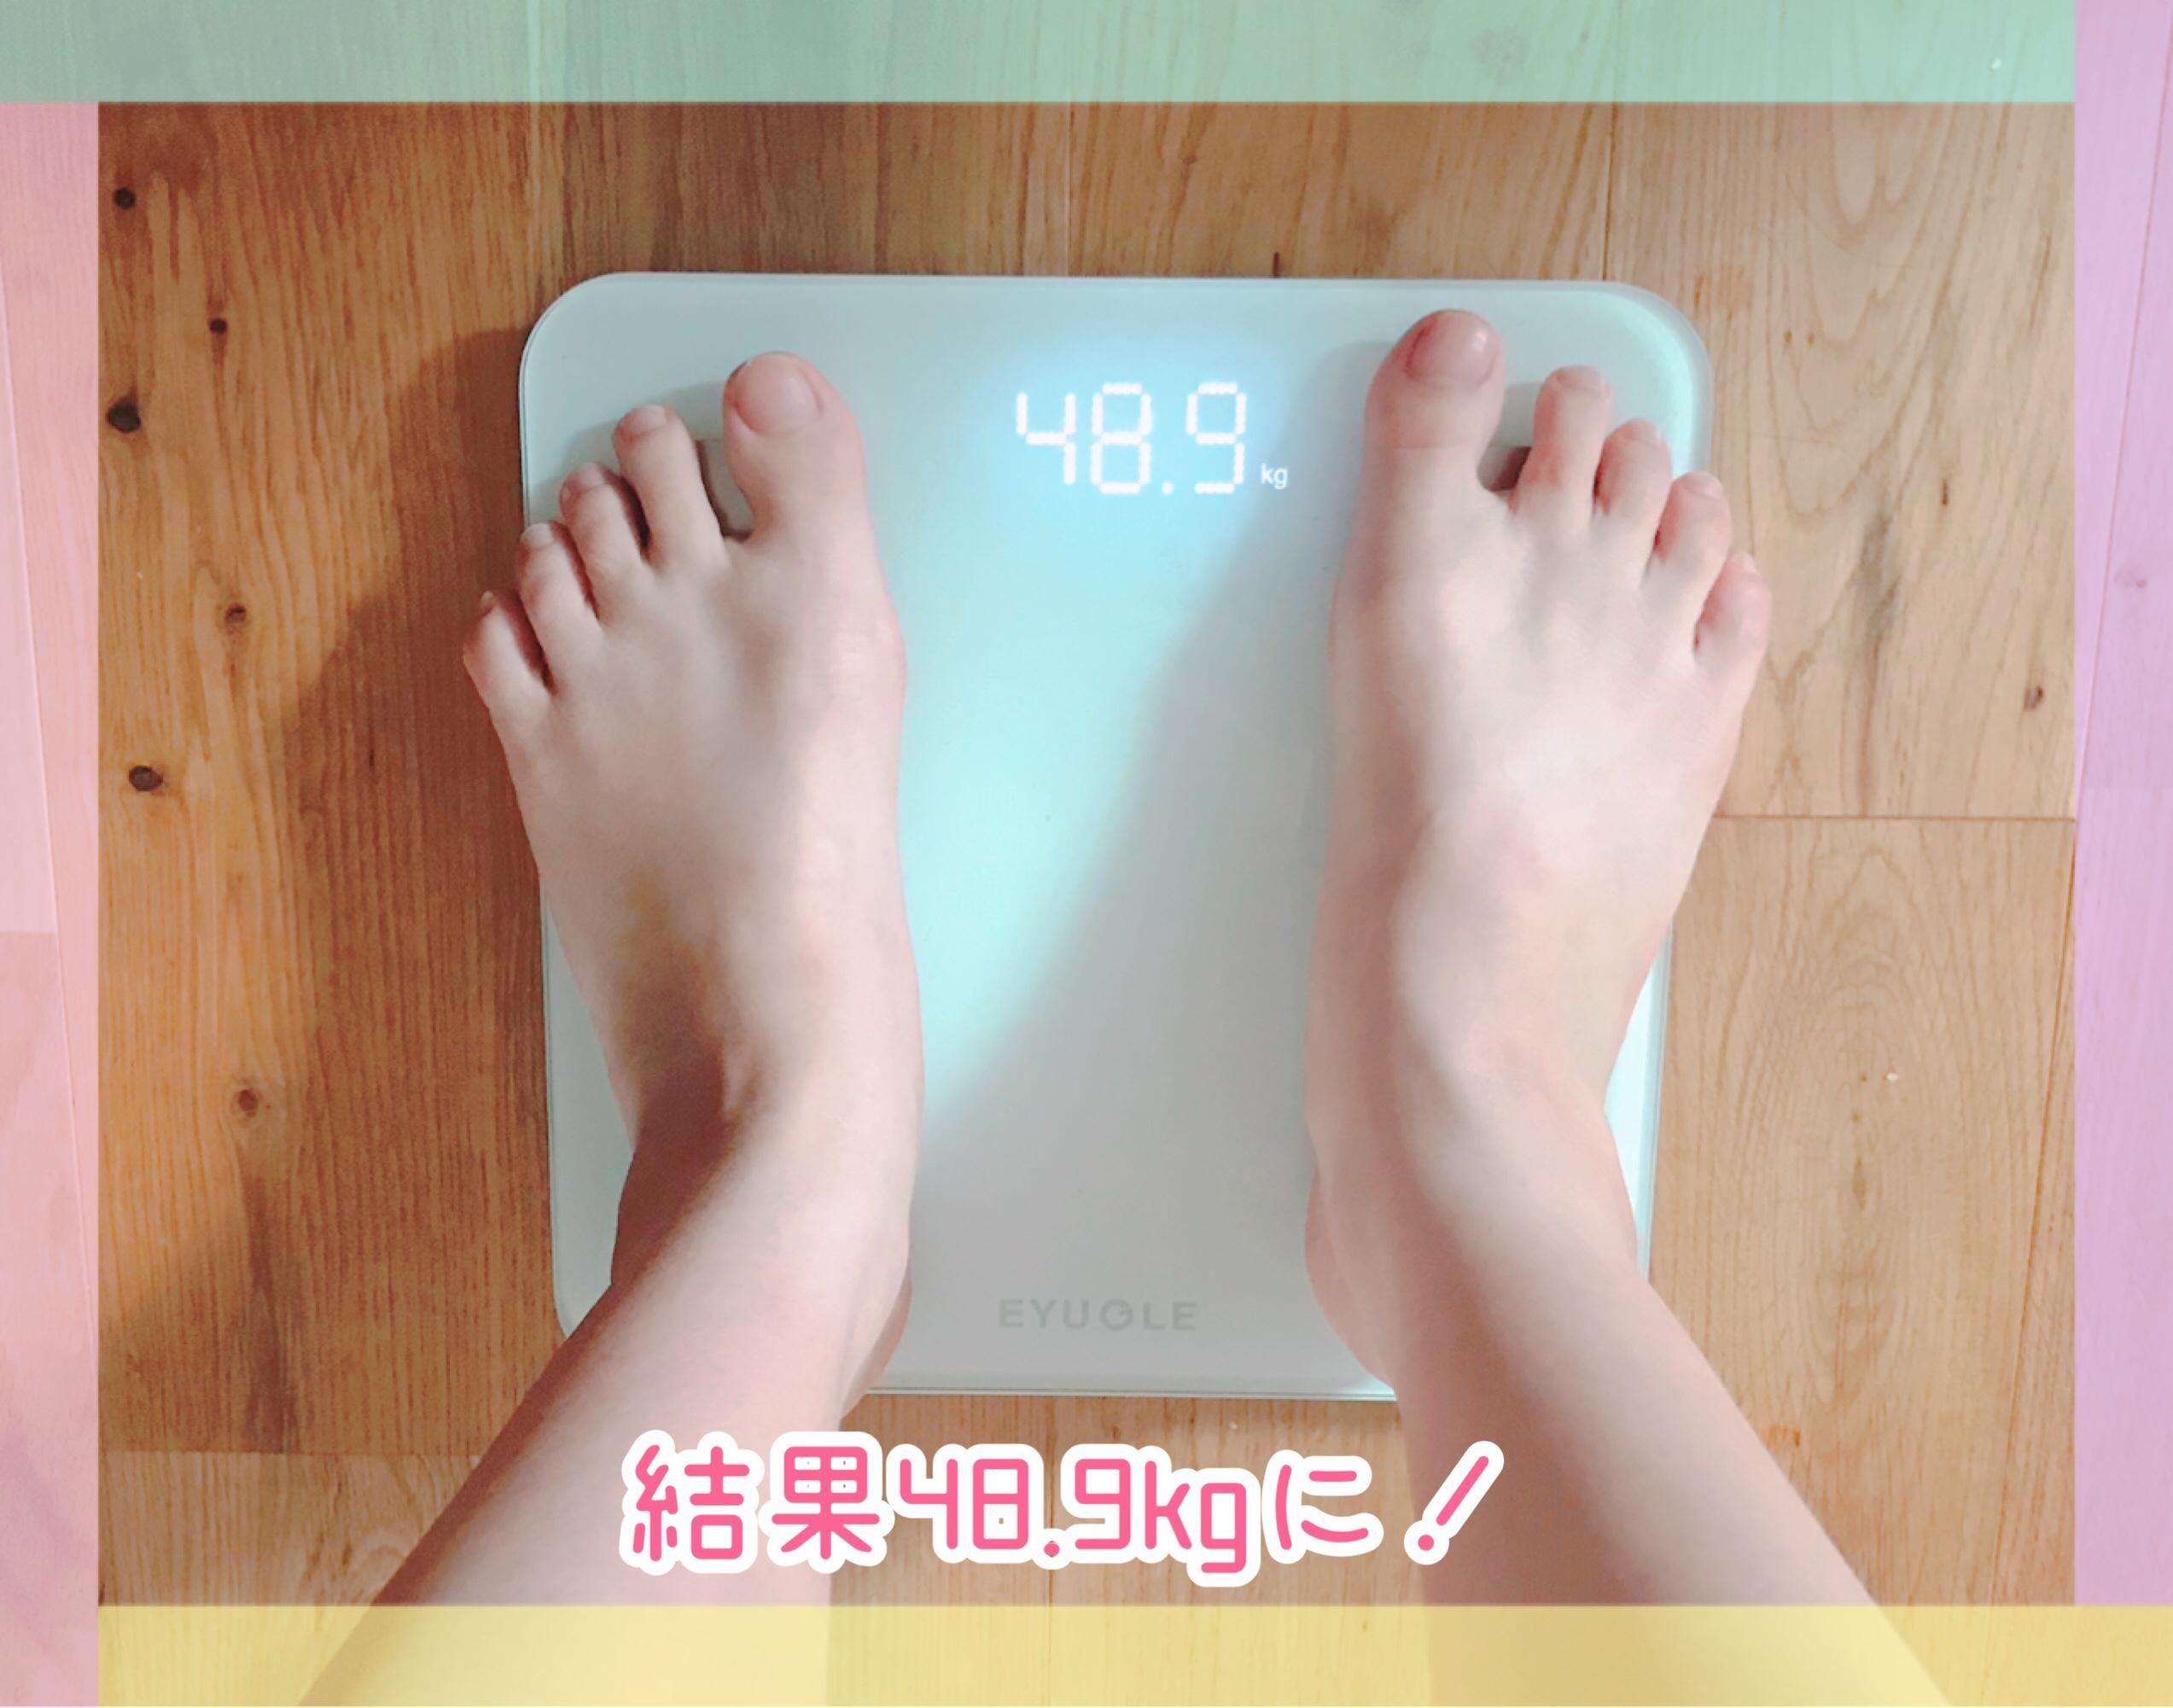 nosh(ナッシュ)のダイエット効果検証